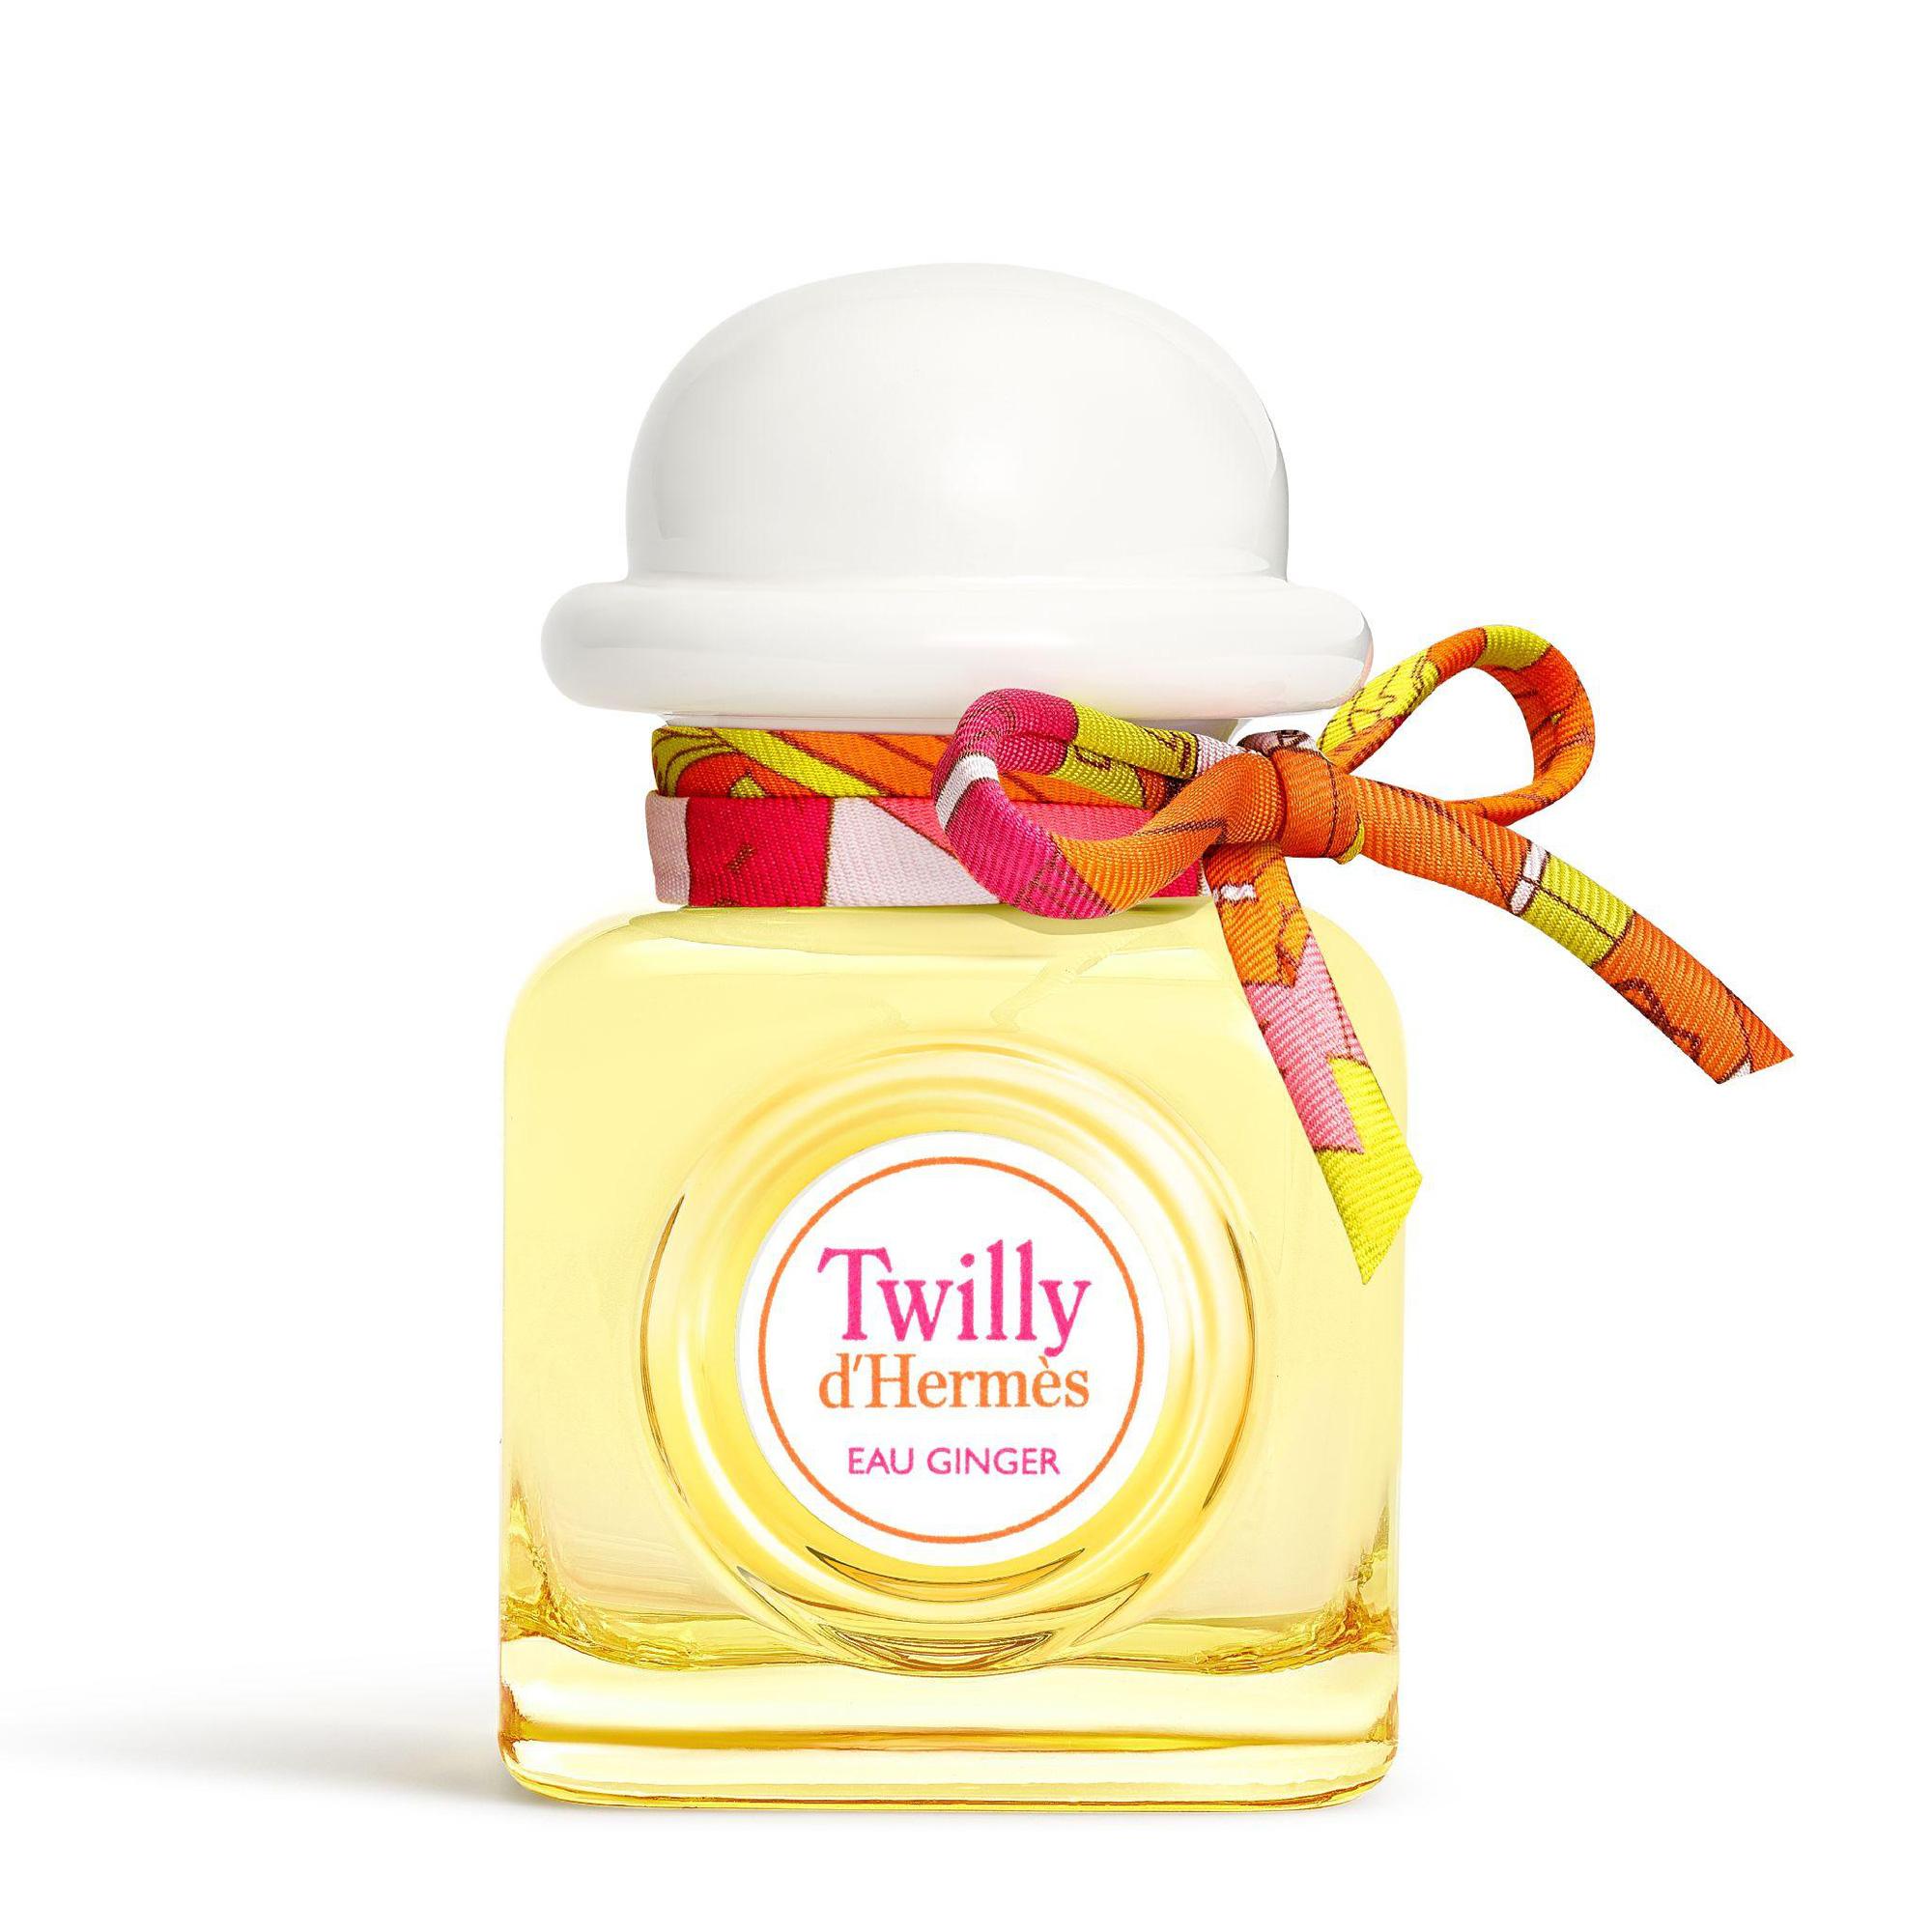 Nước hoa Twilly d'Hermès Eau Ginger: Niềm vui ấm áp cho tiết sang Thu - Ảnh 4.